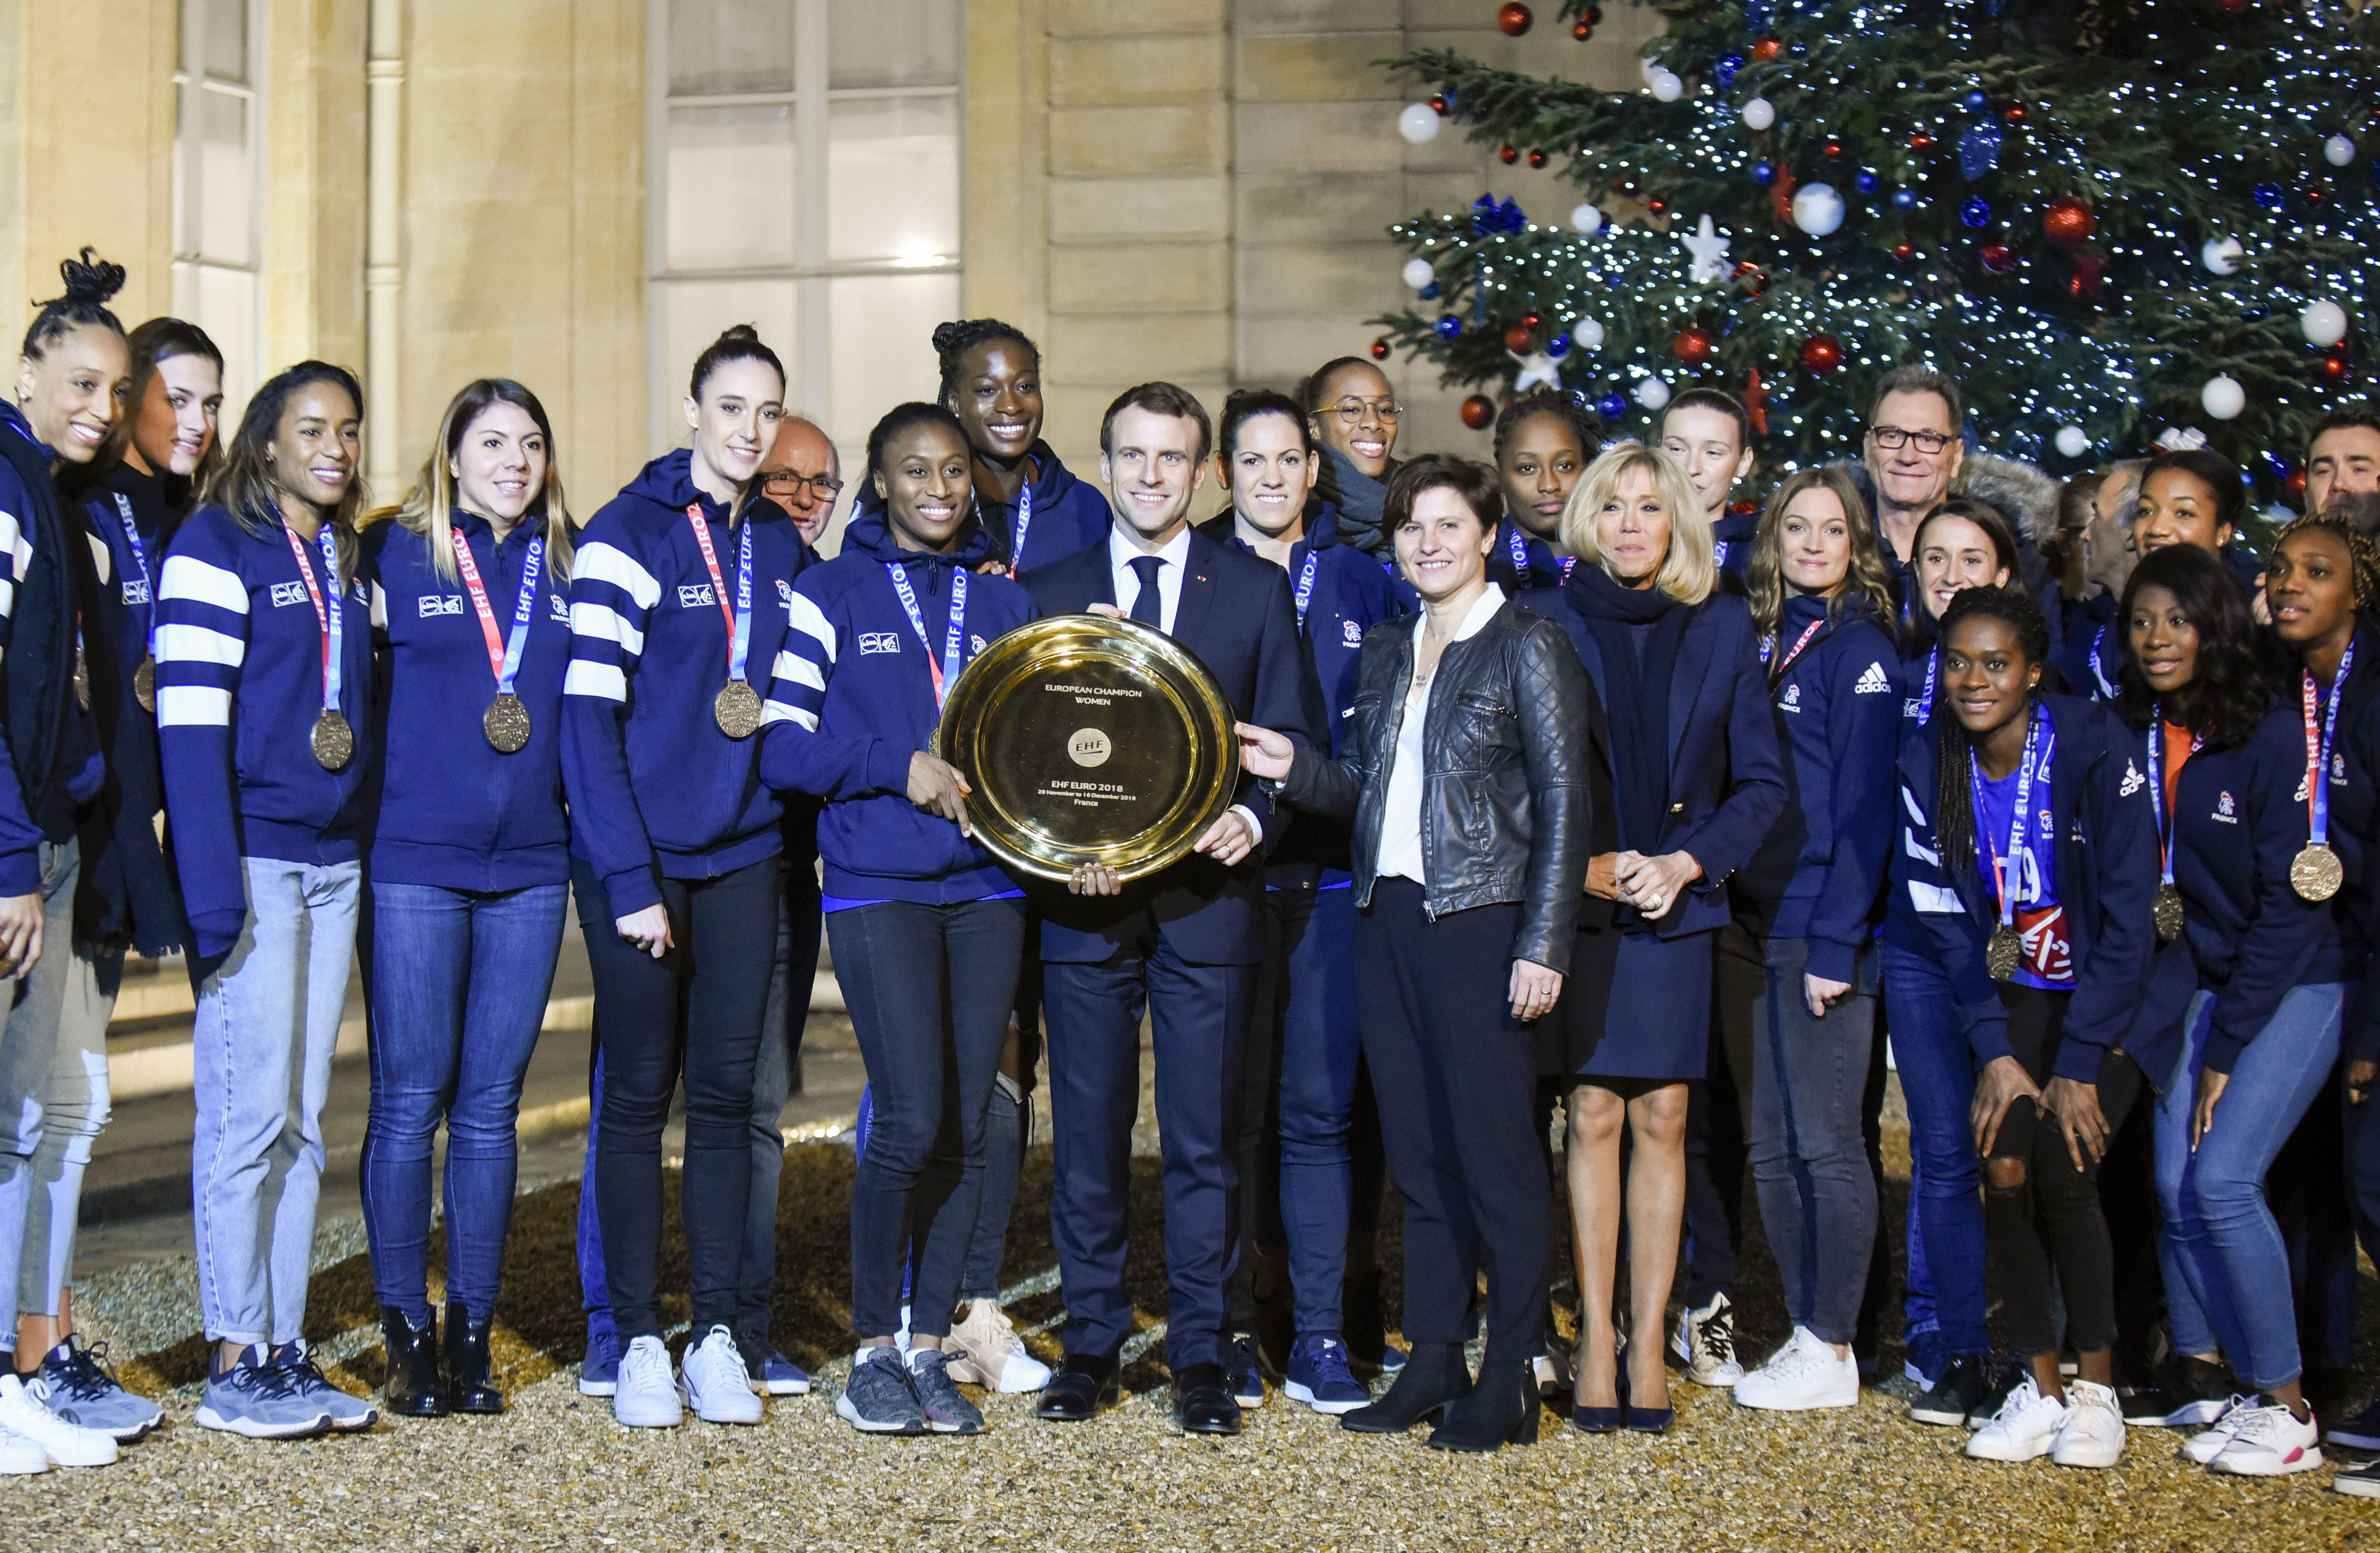 Handball - Equipe de France - Une handballeuse championne du monde se demande pourquoi elle n'a pas reçu la Légion d'honneur